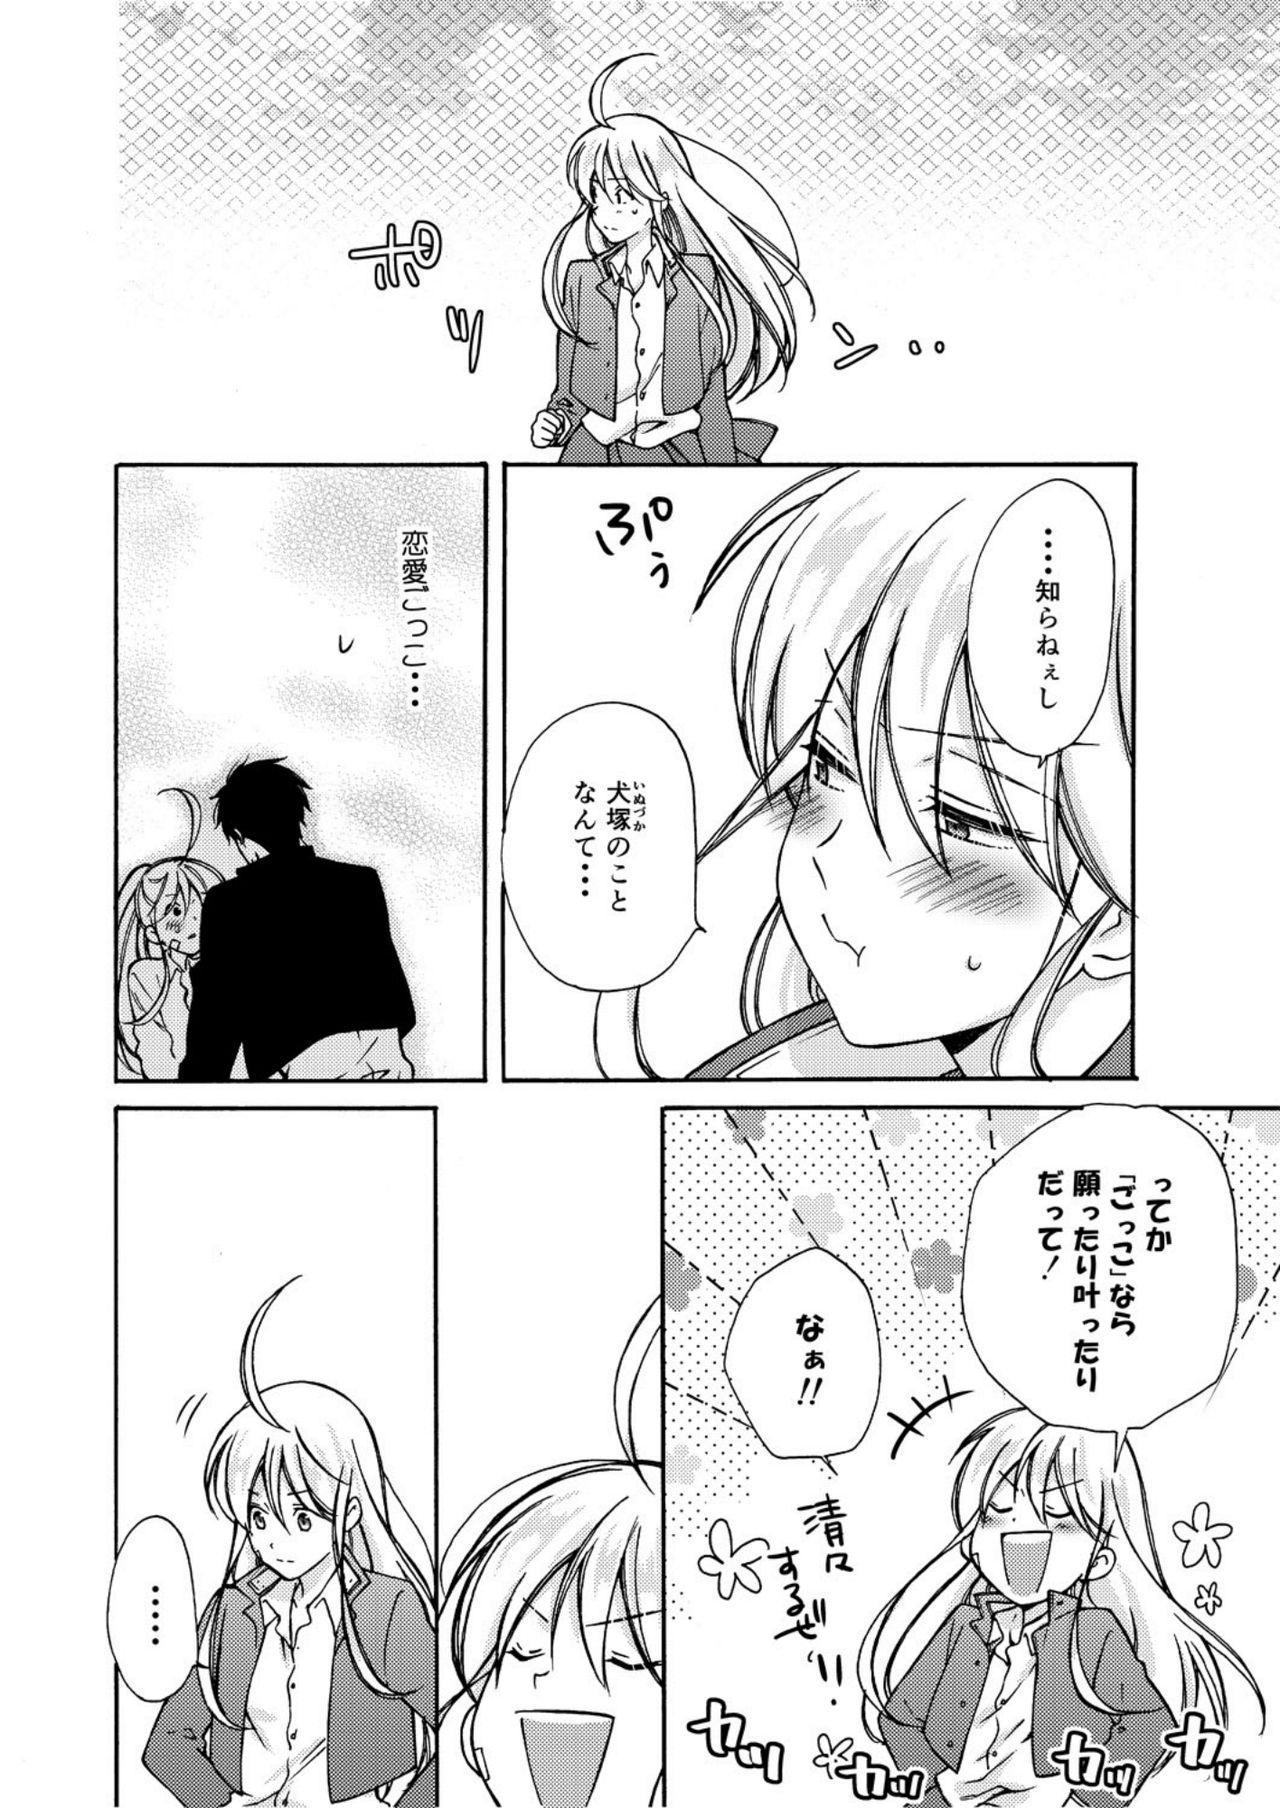 Nyotaika Yankee Gakuen ☆ Ore no Hajimete, Nerawaretemasu. 5 12